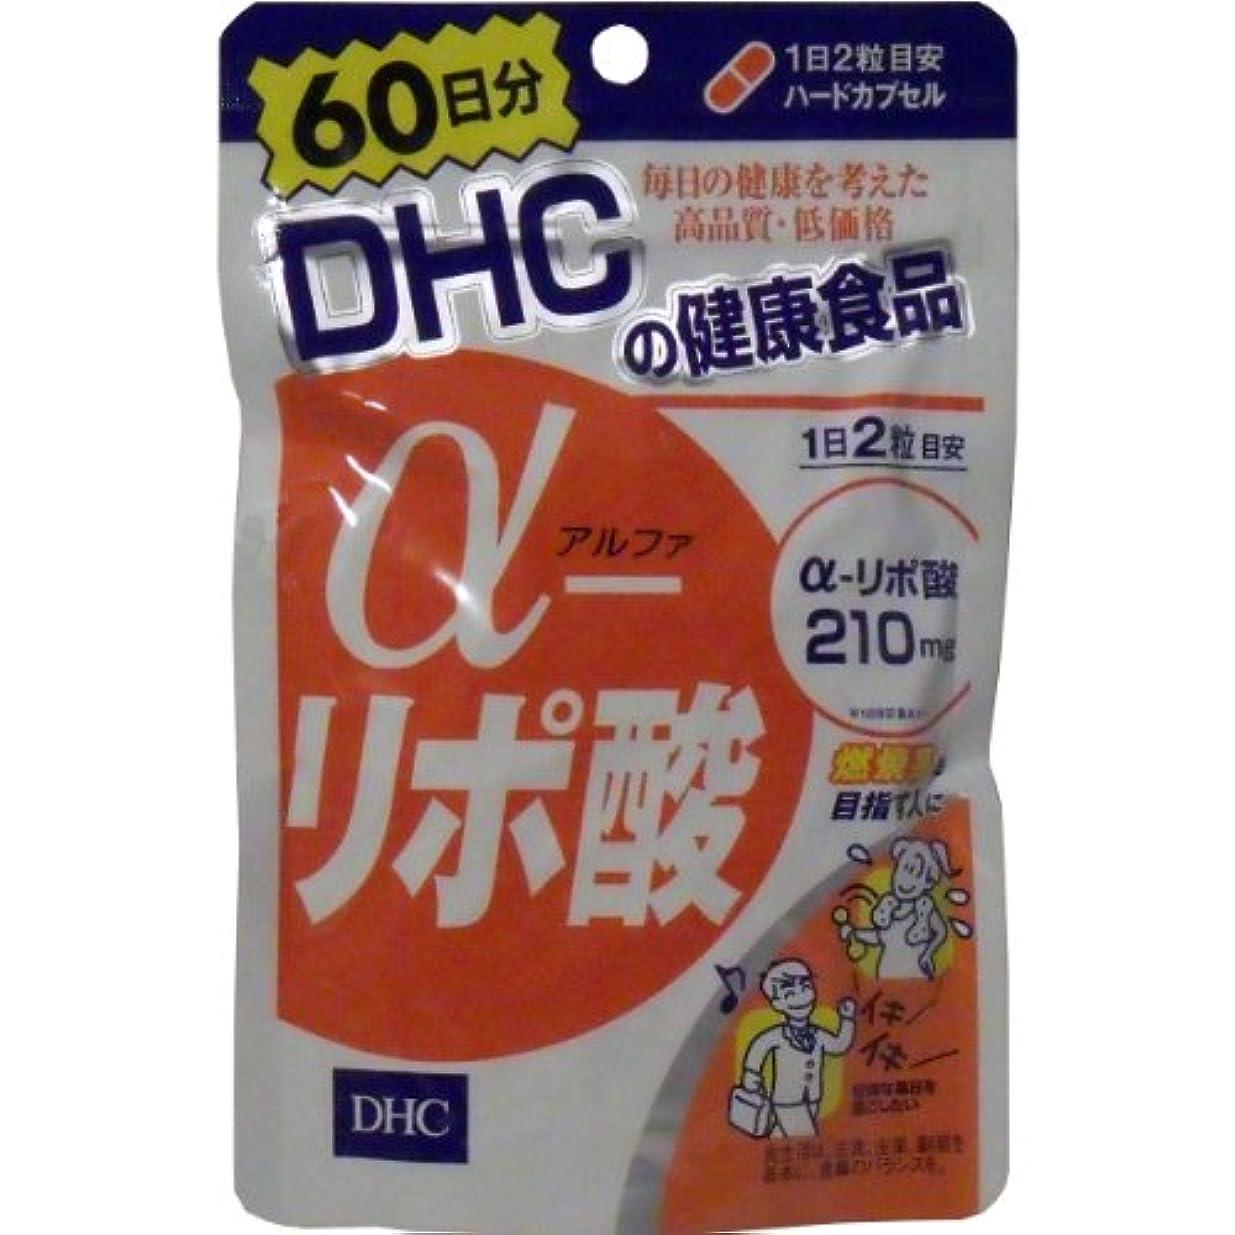 放棄された印刷する水銀の【???便】DHC α-リポ酸 60日分(120粒)×4個セット